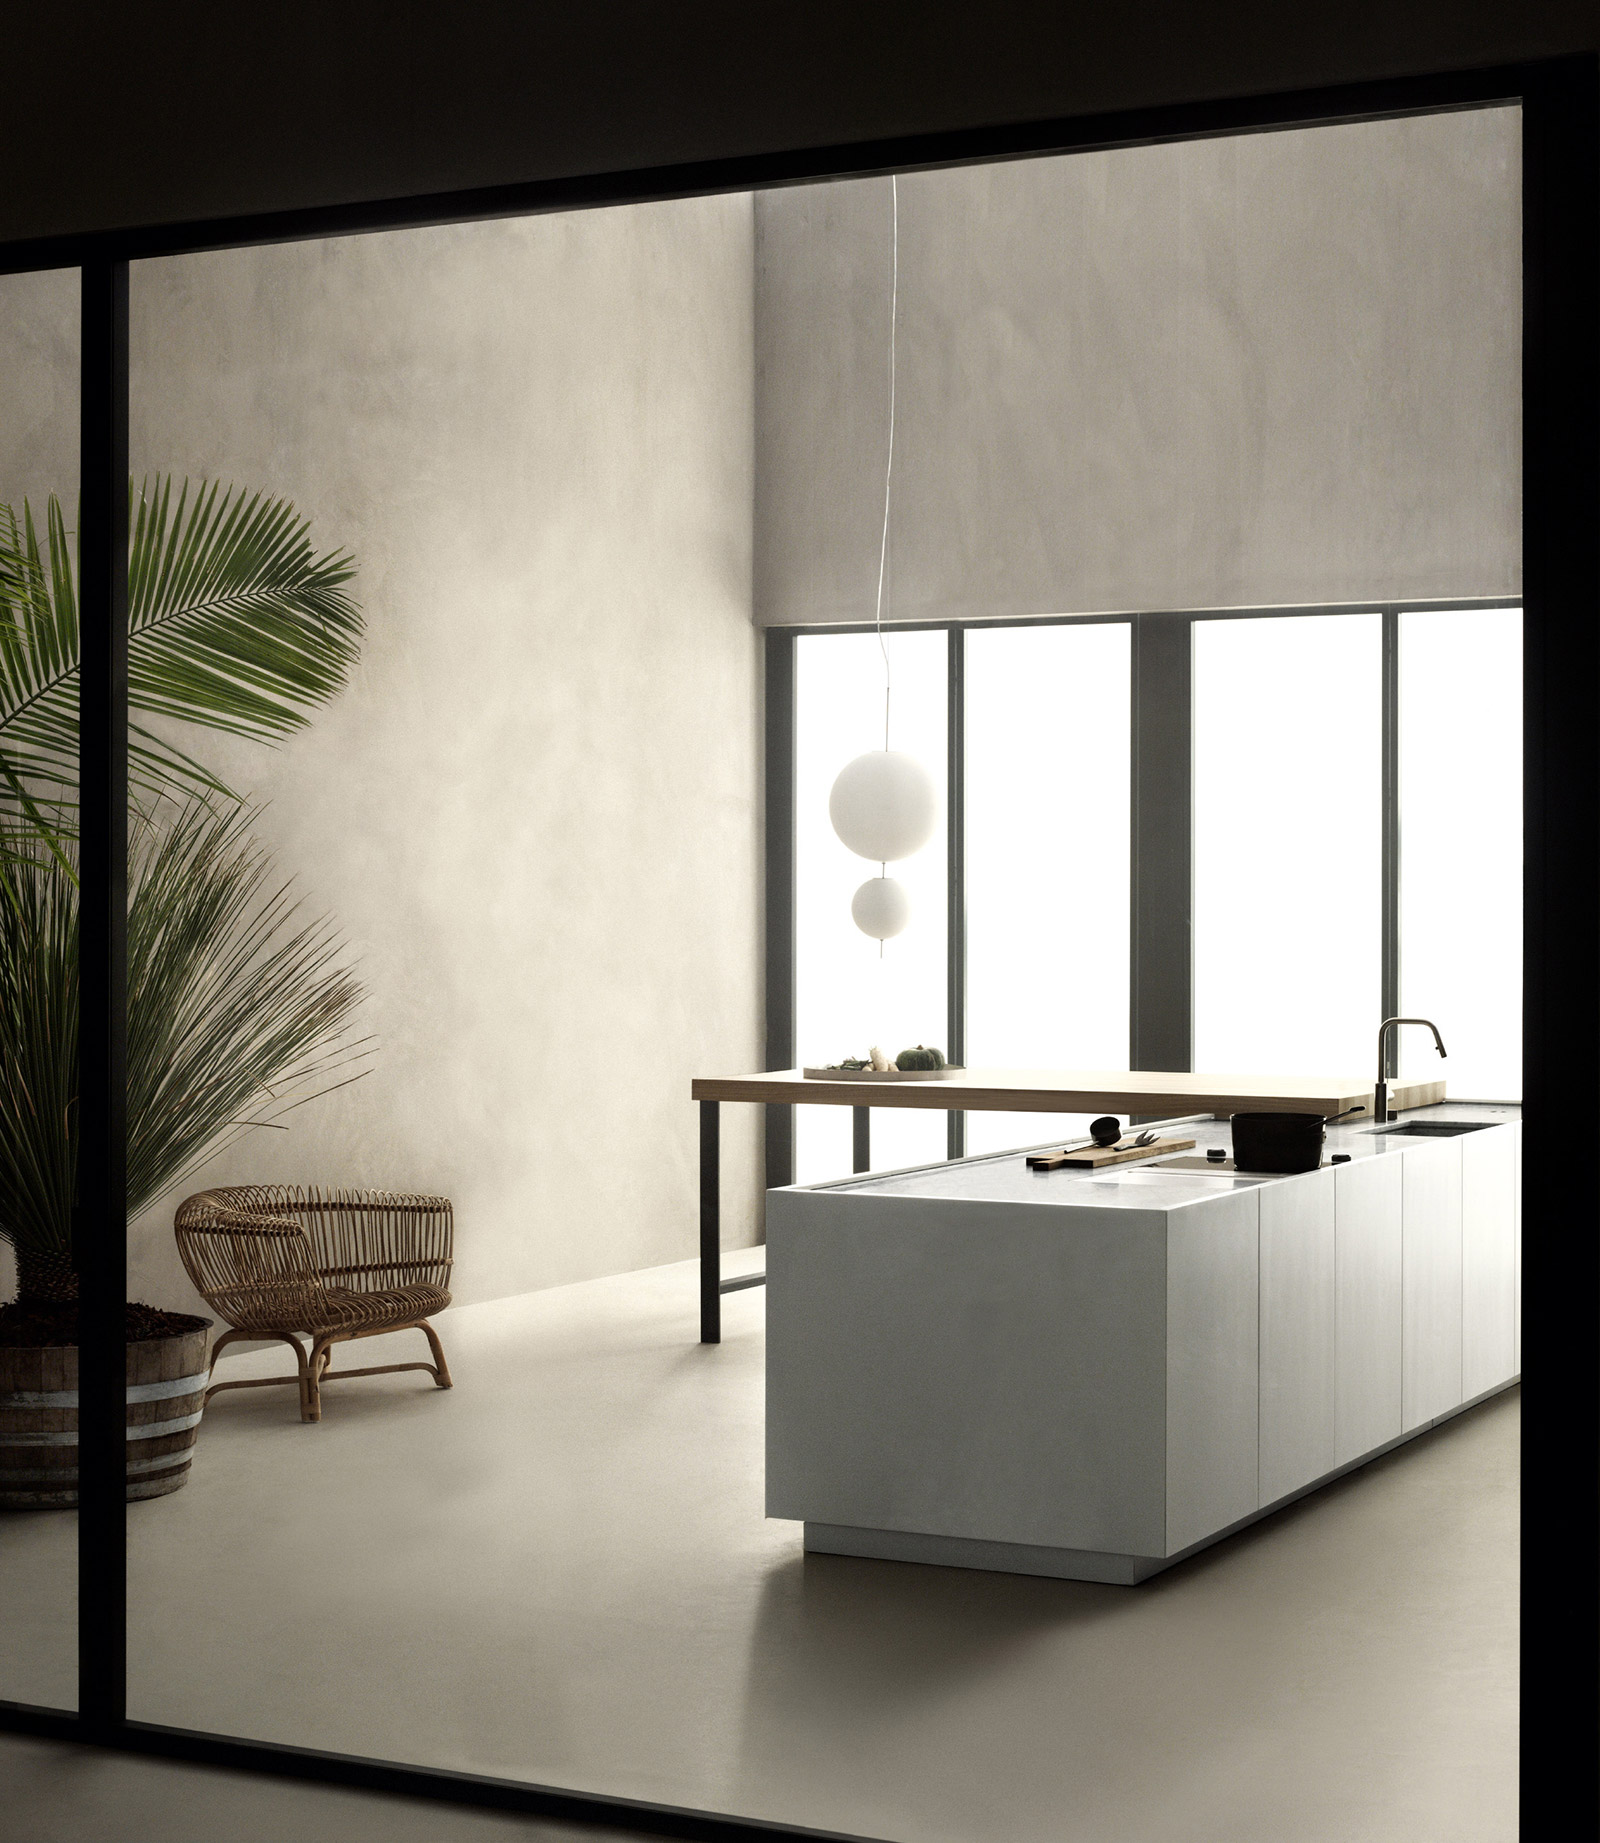 K21 kitchen by Norbert Wangen for Boffi